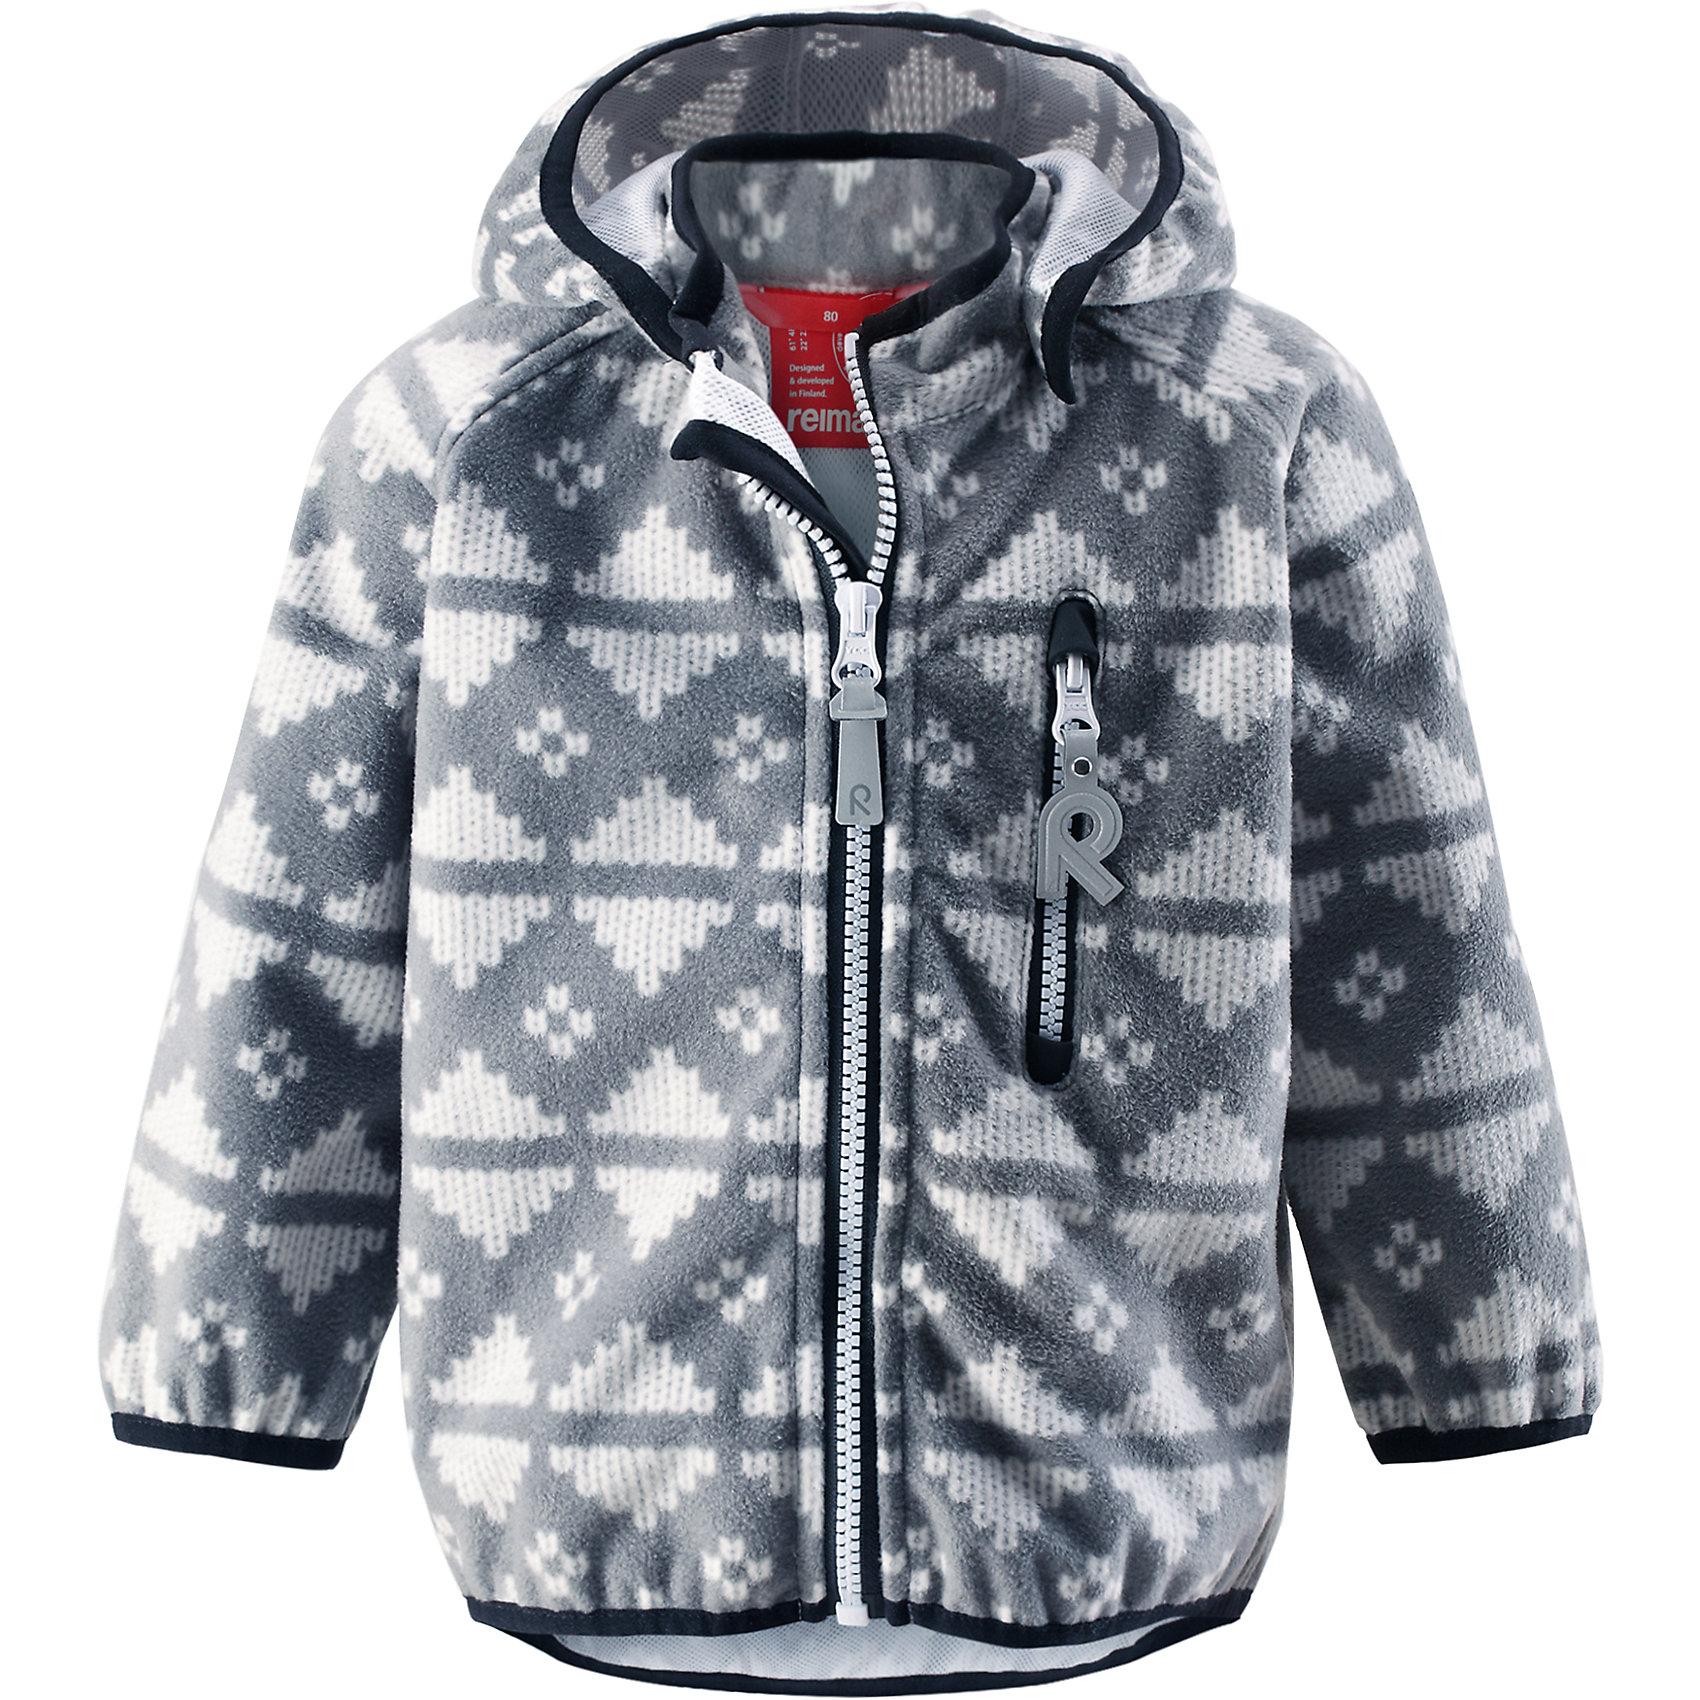 Куртка Aie ReimaФлис и термобелье<br>Куртка  Reima<br>Куртка из материала softshell для малышей. Из ветронепроницаемого материала, но изделие «дышит». Безопасный, съемный капюшон. Эластичная резинка на кромке капюшона, манжетах и подоле. Нагрудный карман на молнии. Принт по всей поверхности.<br>Уход:<br>Стирать по отдельности. Застегнуть молнии и липучки. Стирать моющим средством, не содержащим отбеливающие вещества. Полоскать без специального средства. Во избежание изменения цвета изделие необходимо вынуть из стиральной машинки незамедлительно после окончания программы стирки. Сушить при низкой температуре.<br>Состав:<br>100% Полиэстер, полиуретановая мембрана<br><br>Ширина мм: 356<br>Глубина мм: 10<br>Высота мм: 245<br>Вес г: 519<br>Цвет: серый<br>Возраст от месяцев: 12<br>Возраст до месяцев: 18<br>Пол: Унисекс<br>Возраст: Детский<br>Размер: 86,80,92,98<br>SKU: 4776041